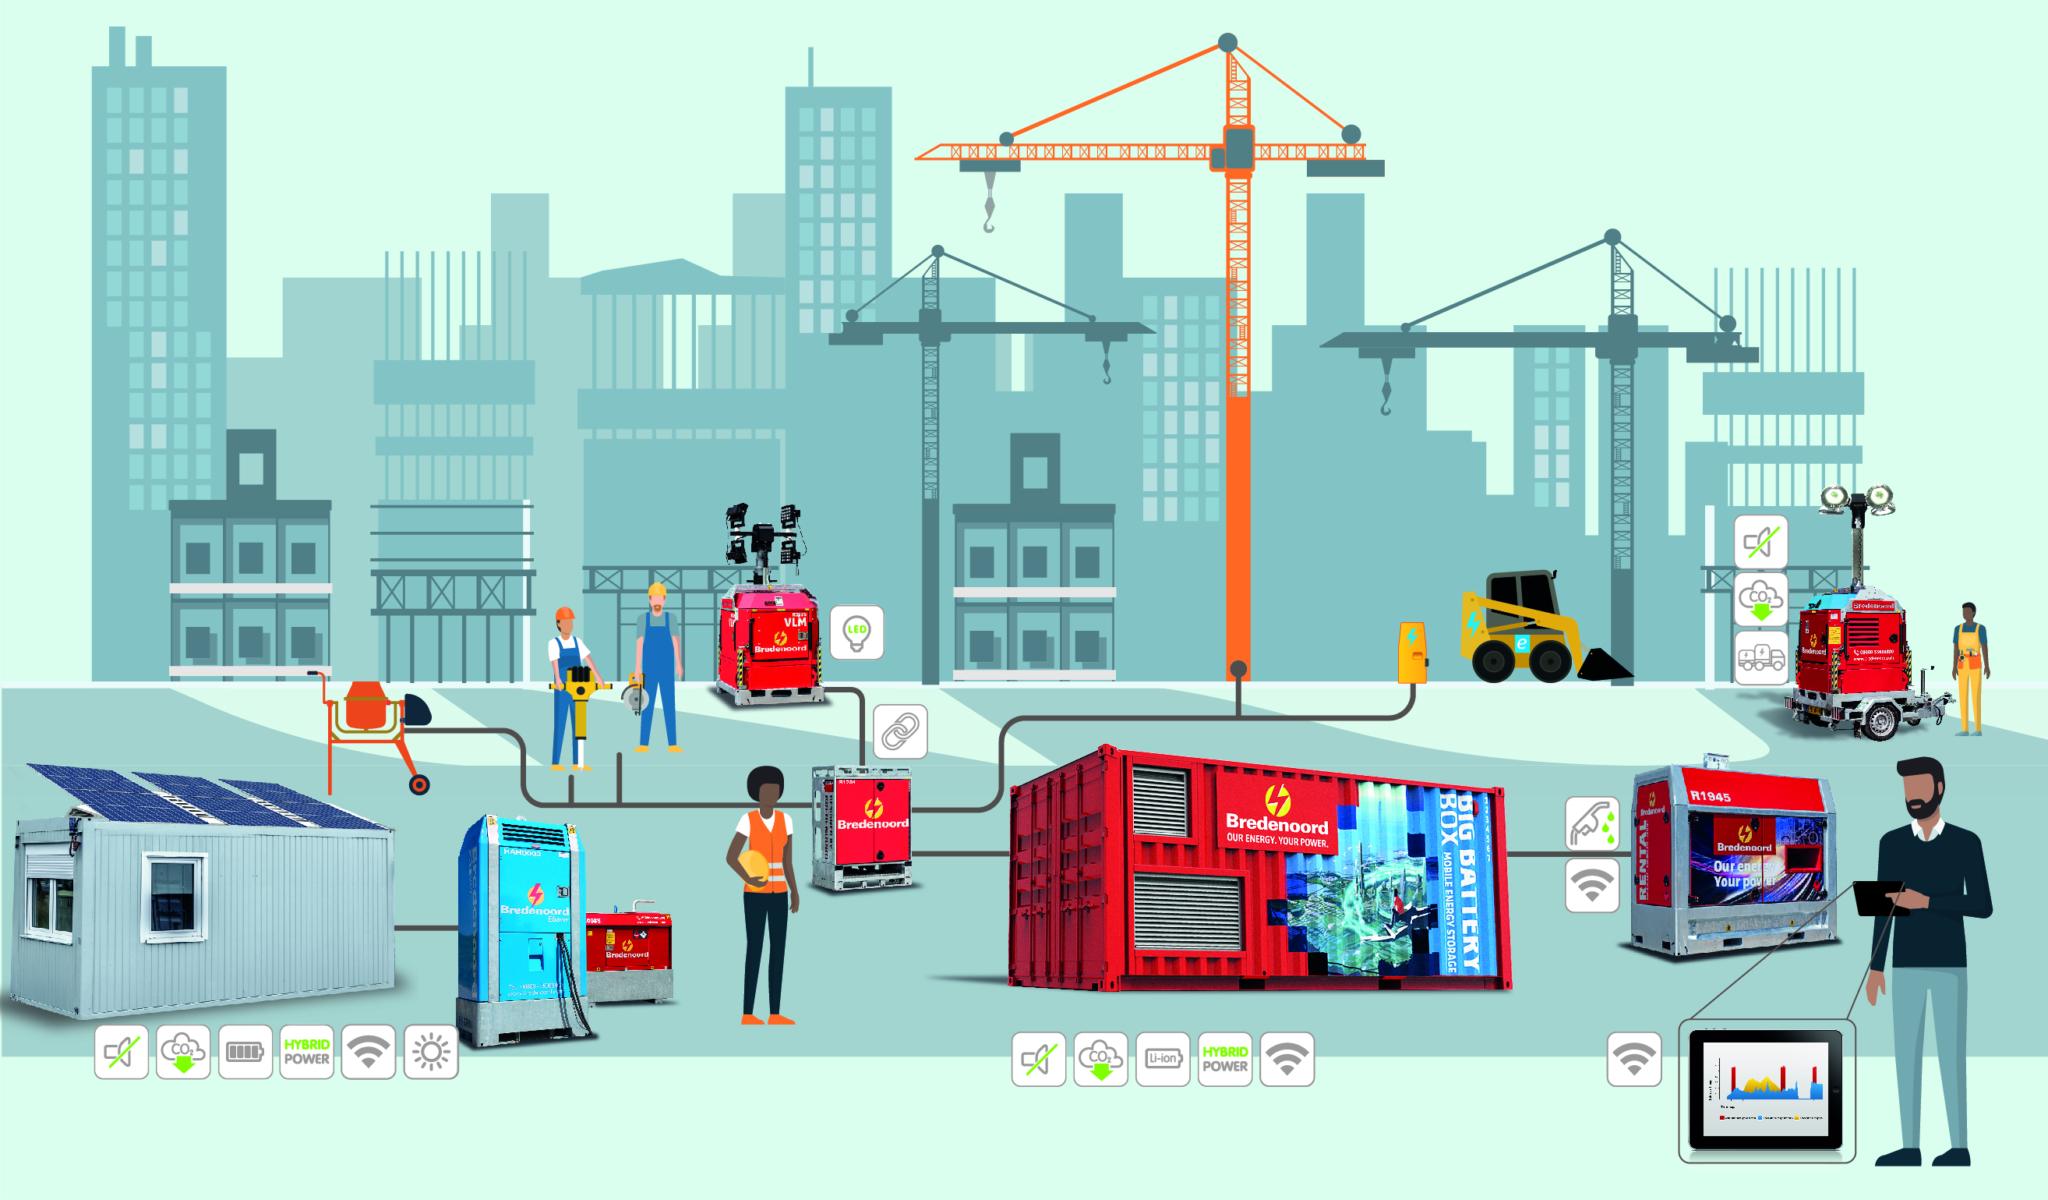 Grafik-VDBUM-Artikel-Mobiler-Strom-auf-der-Baustelle-–-sicher-und-nachhalt.jpg#asset:126567